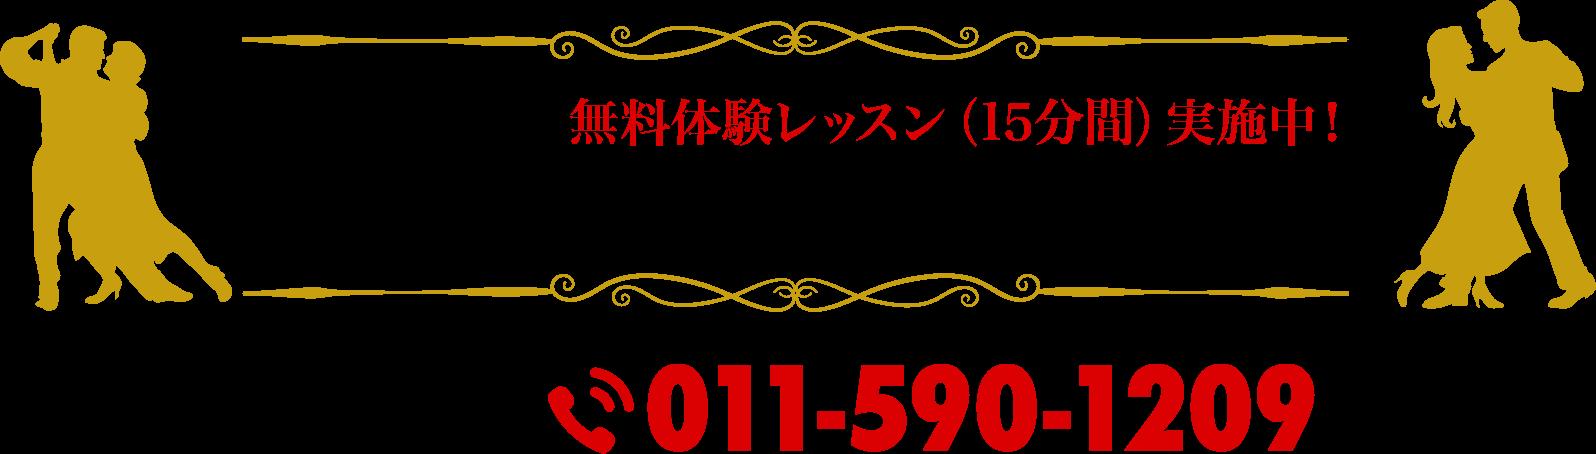 札幌西区 社交ダンス教室 中泉ダンススタジオ キャンペーン